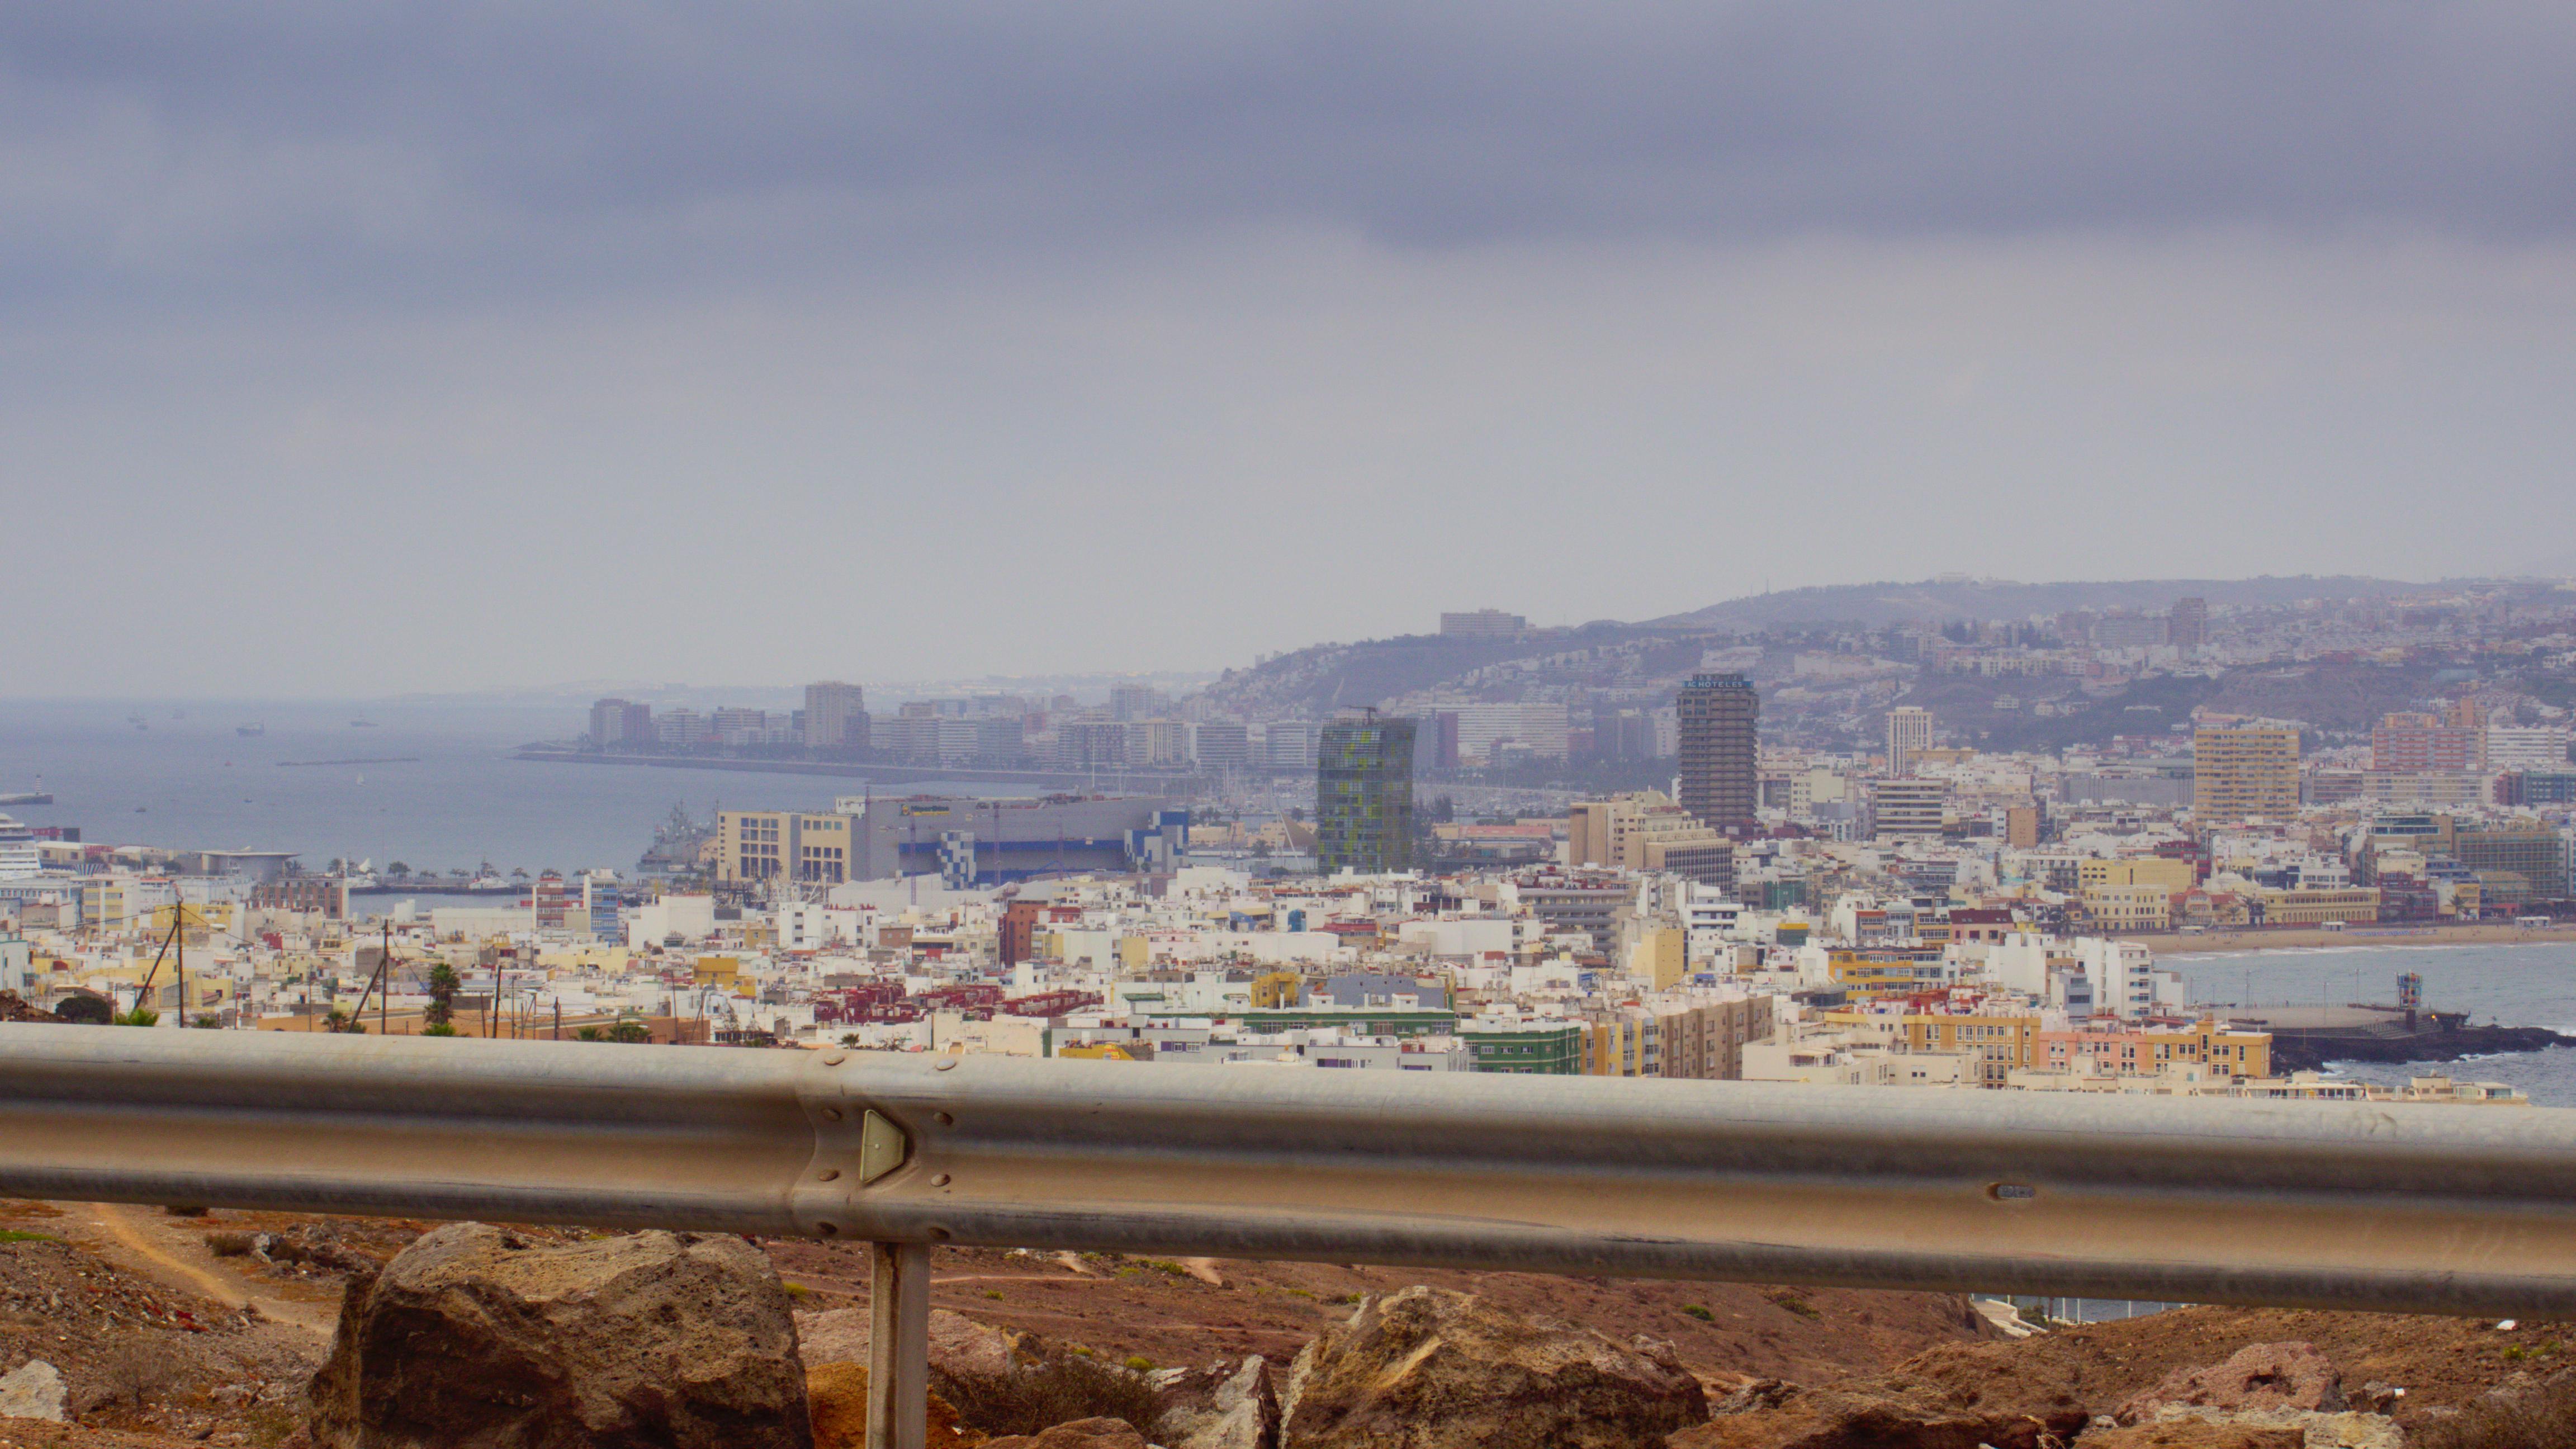 Der Weg zurück. Links ist der Hafen, rechts der Playa Las Canderas zu erkennen